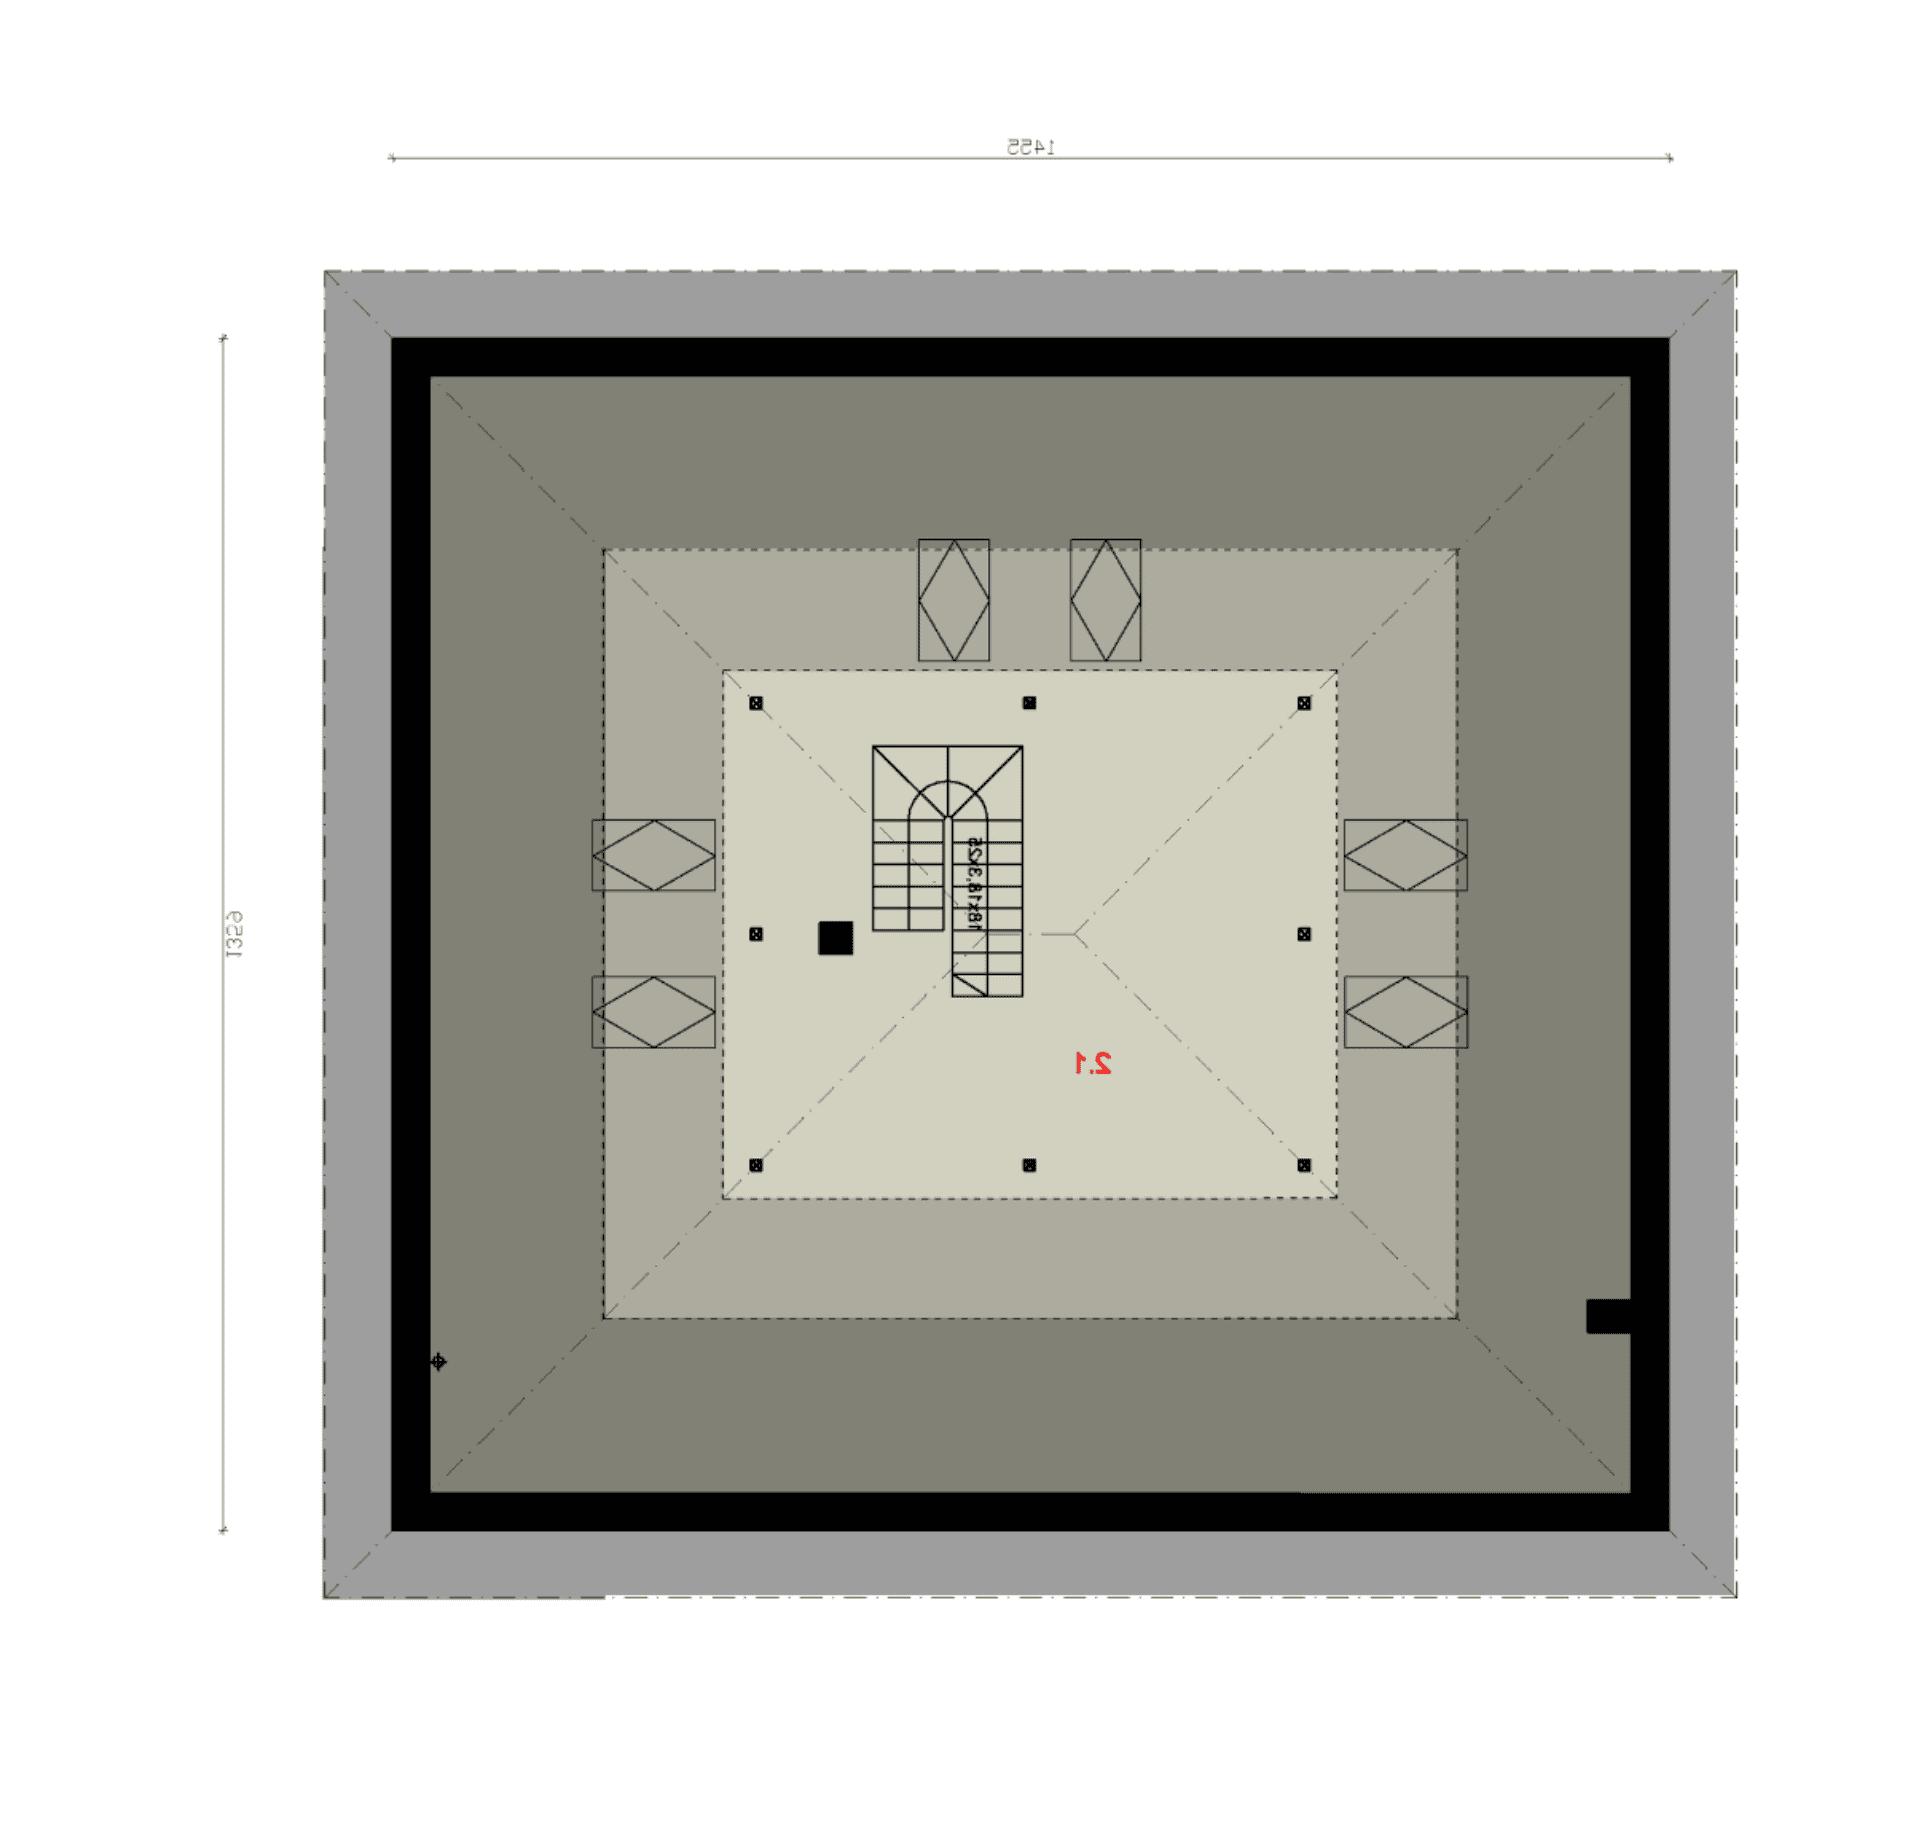 Rzut poddasza nieużytkowego - projekt domu SEJ-PRO 006 ENERGO - odbicie lustrzane